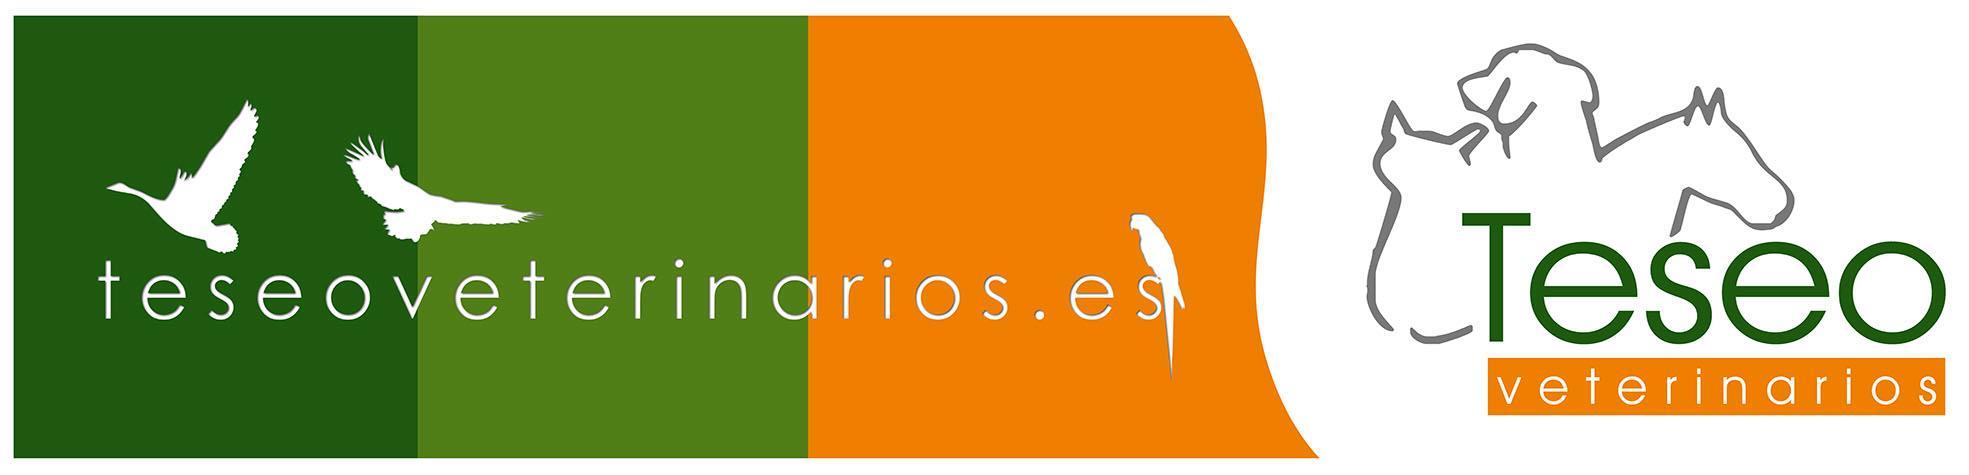 TESEO VETERINARIOS logo